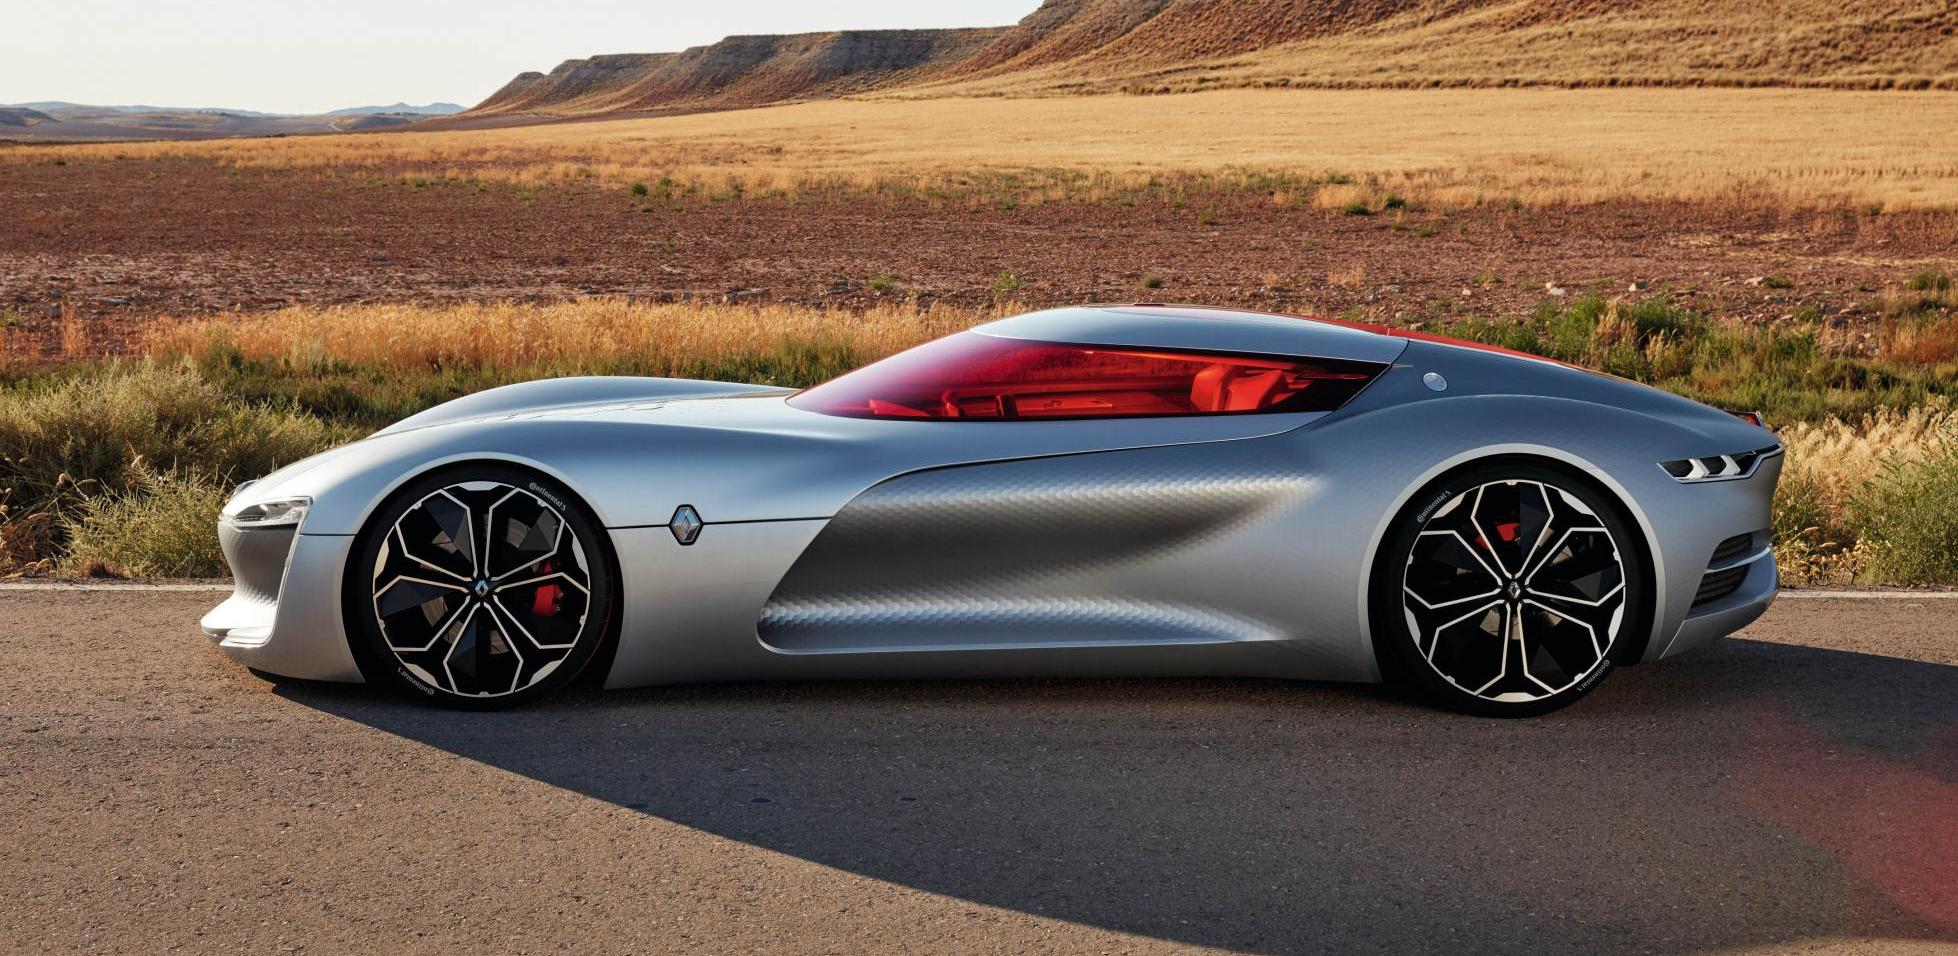 Renault electric car